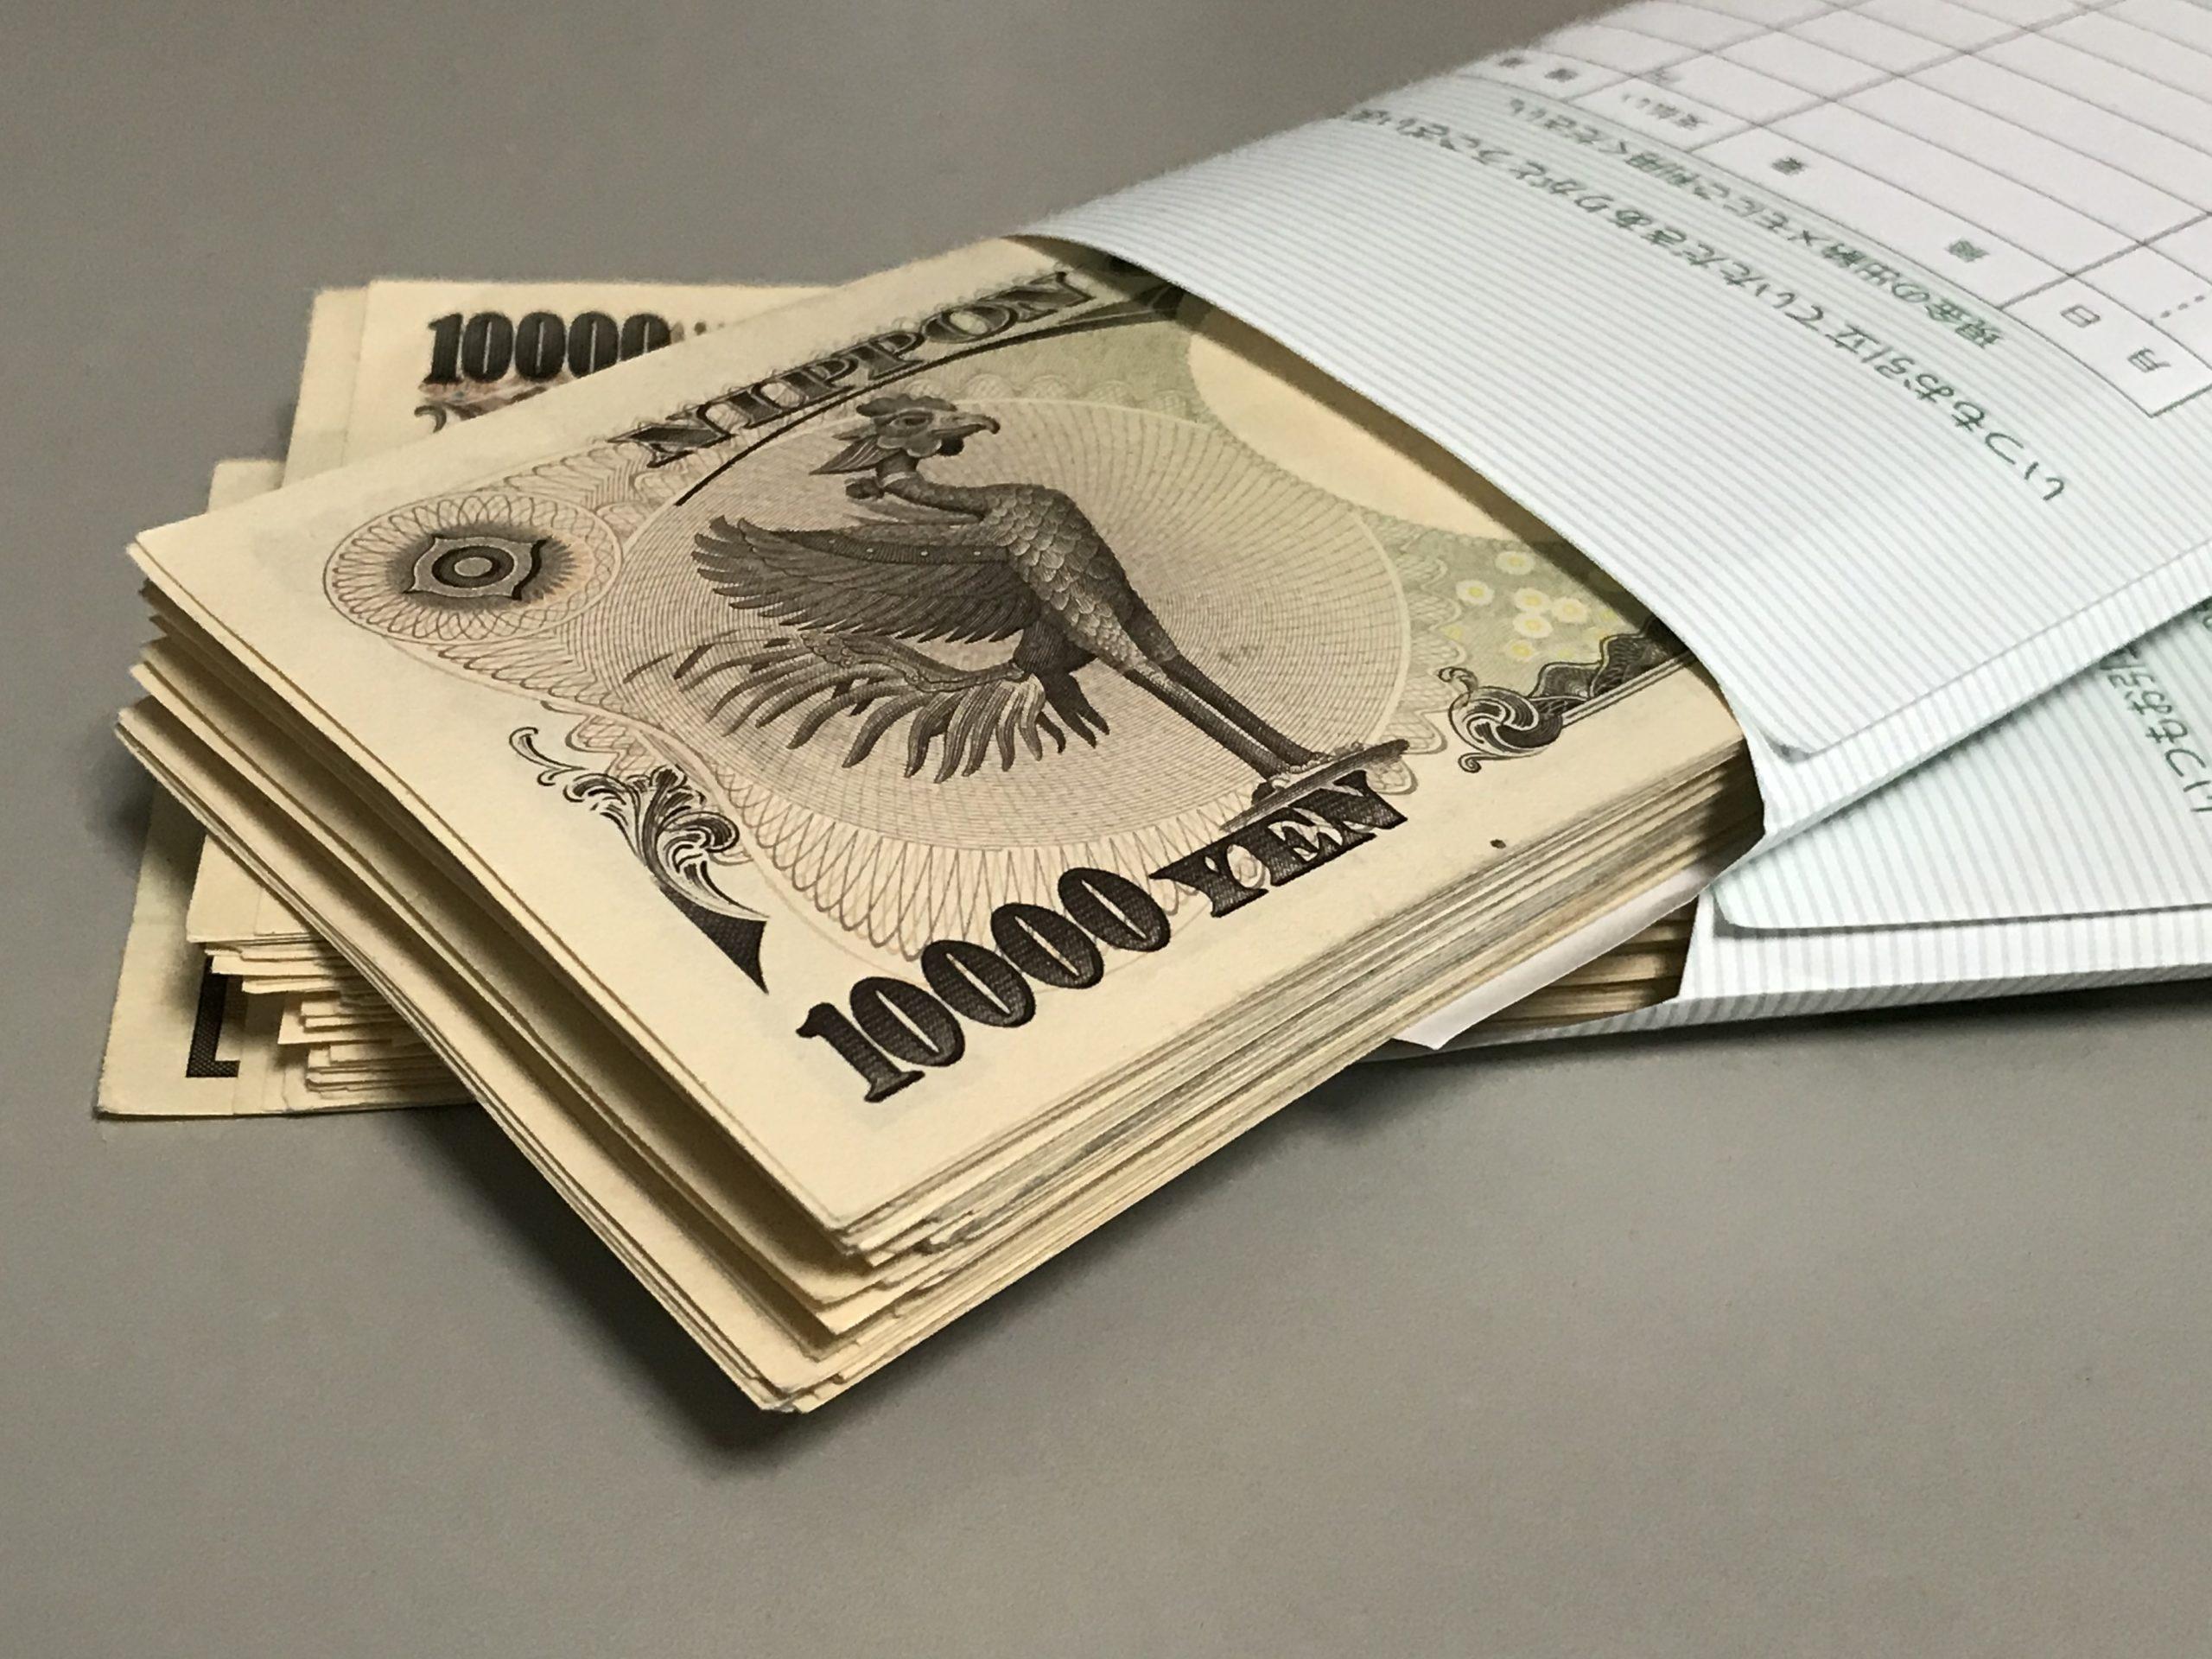 引き出し 限度 額 ゆうちょ ゆうちょ銀行の窓口での引き出し限度額引き上げの反映時間について教えてく